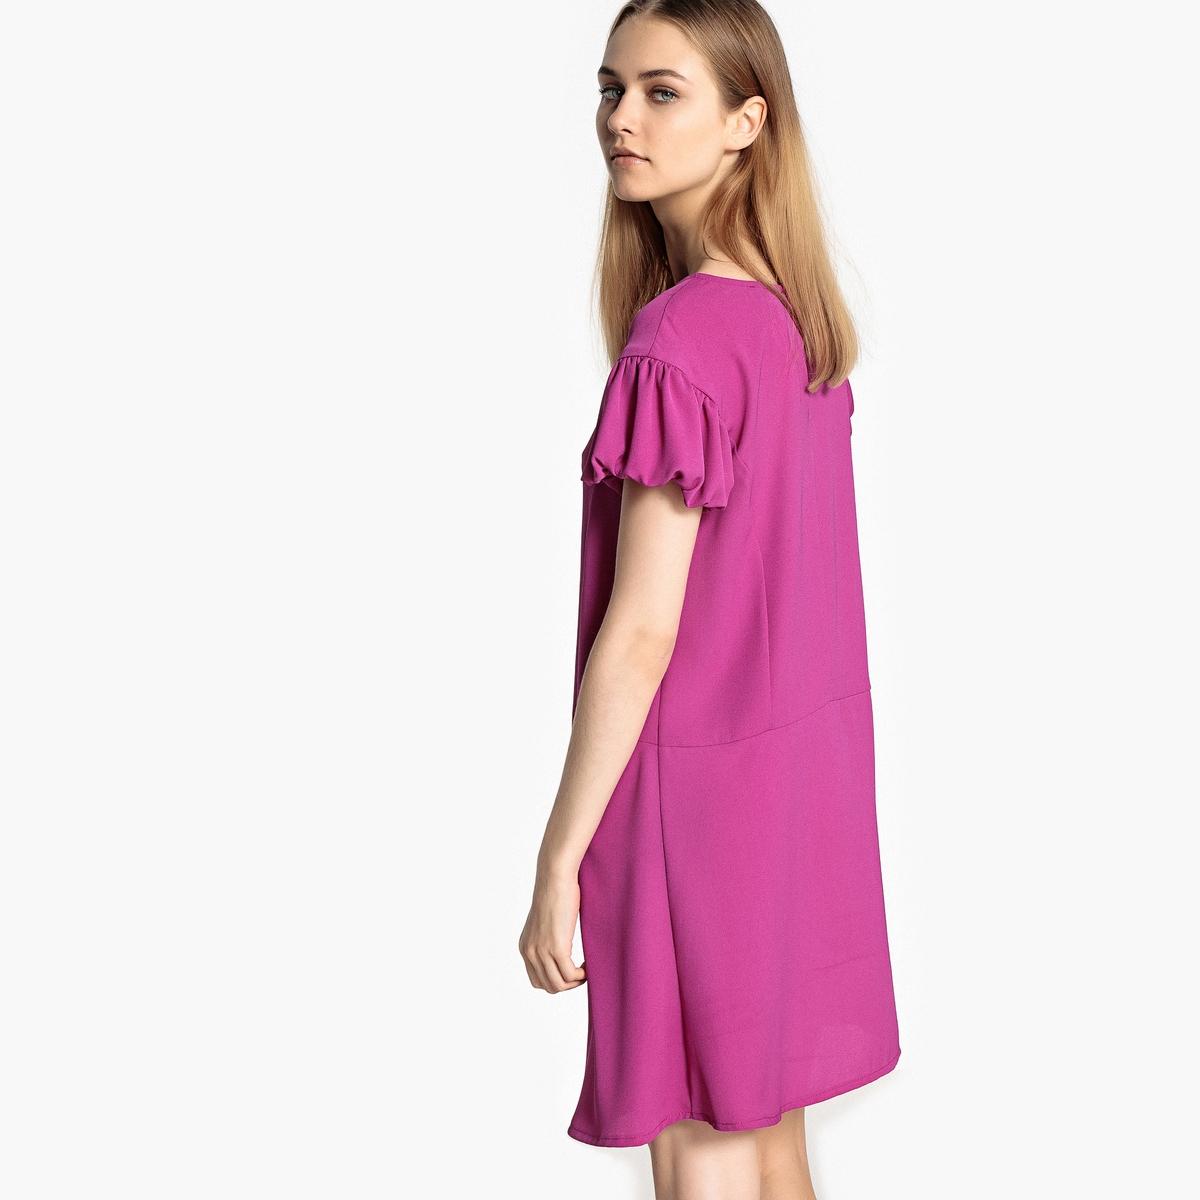 Платье прямое с оригинальными рукавамиДетали •  Форма : прямая  •  Длина до колен •  Короткие рукава    •  Круглый вырезСостав и уход •  100% полиэстер  •  Температура стирки 30°   •  Сухая чистка и отбеливание запрещены    •  Не использовать барабанную сушку   •  Низкая температура глажки<br><br>Цвет: красный,розовый фуксия,черный<br>Размер: 34 (FR) - 40 (RUS).46 (FR) - 52 (RUS).44 (FR) - 50 (RUS).42 (FR) - 48 (RUS).40 (FR) - 46 (RUS).38 (FR) - 44 (RUS).36 (FR) - 42 (RUS)